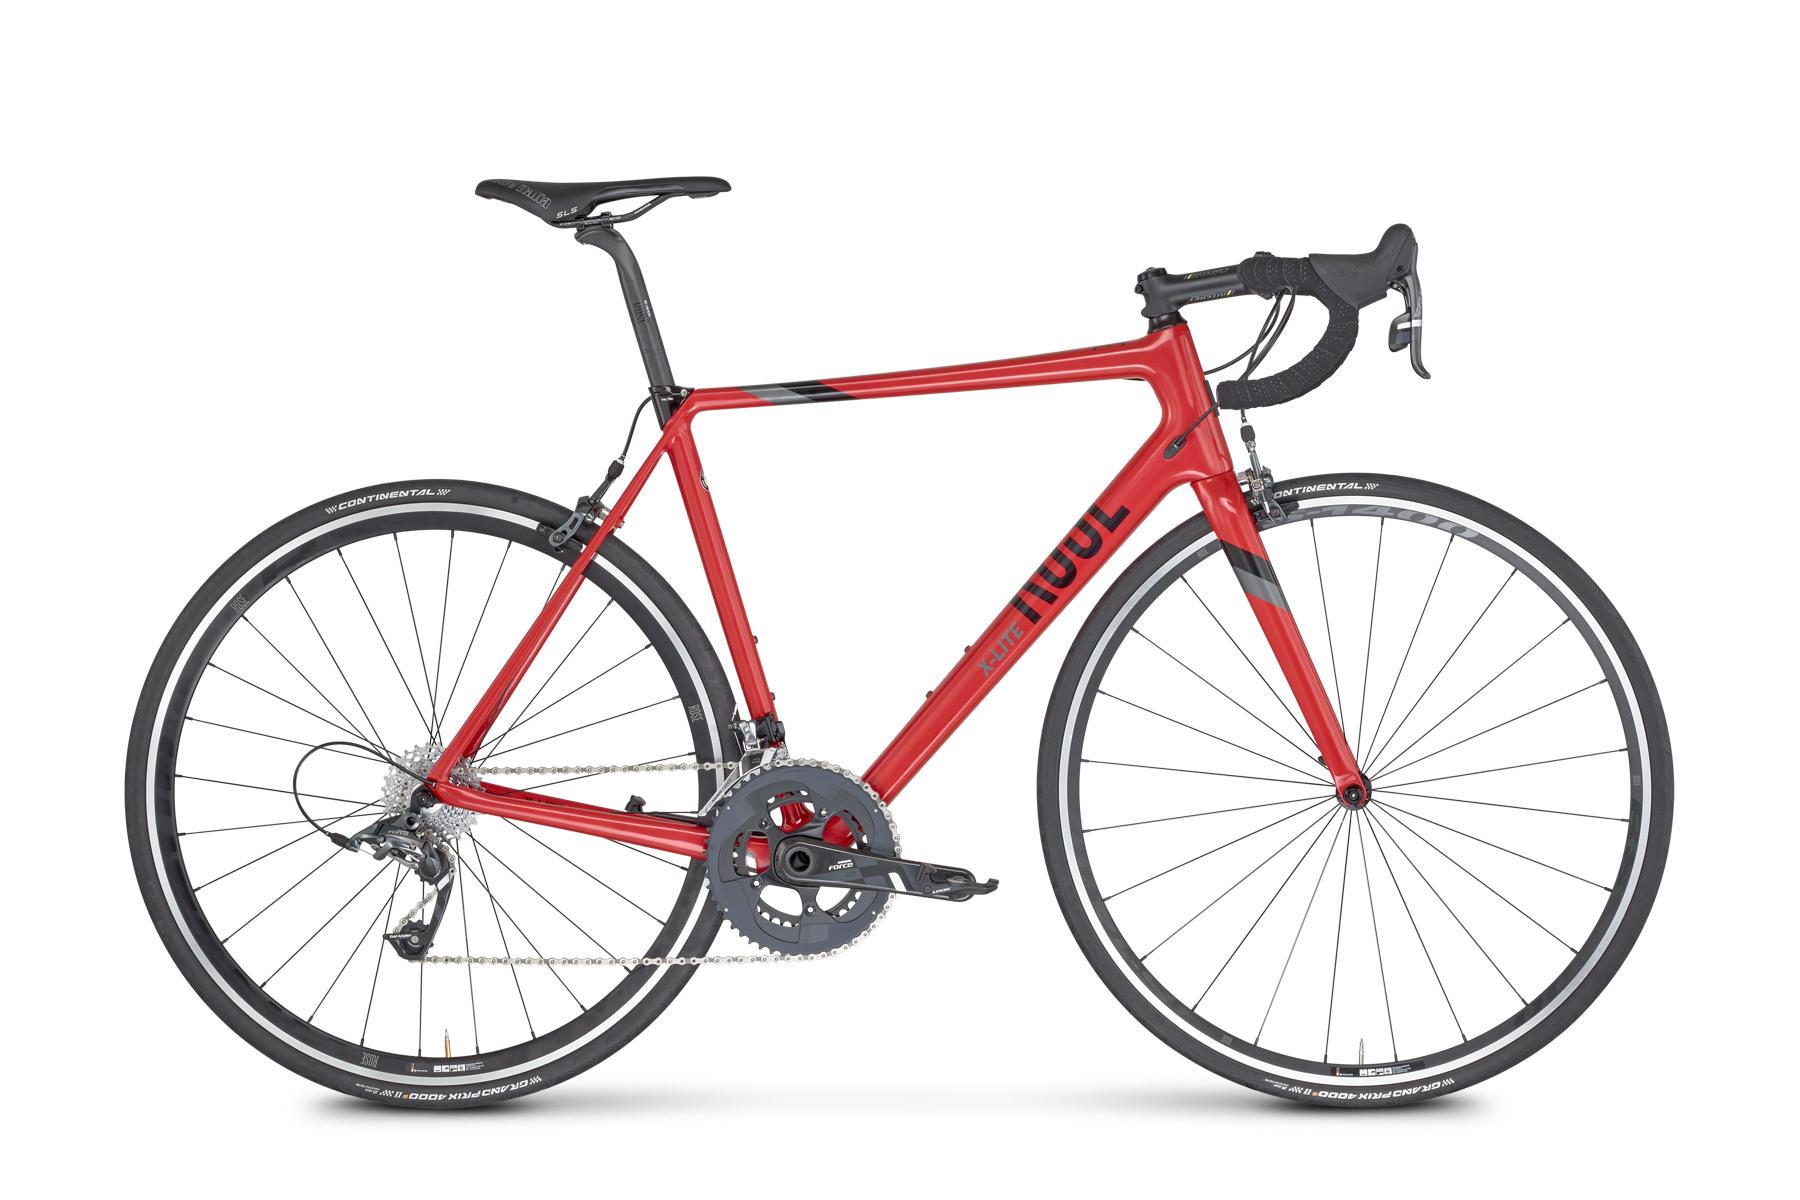 Das ROSE X-LITE TWO Force | Dein Traumbike nur bei ROSE Bikes